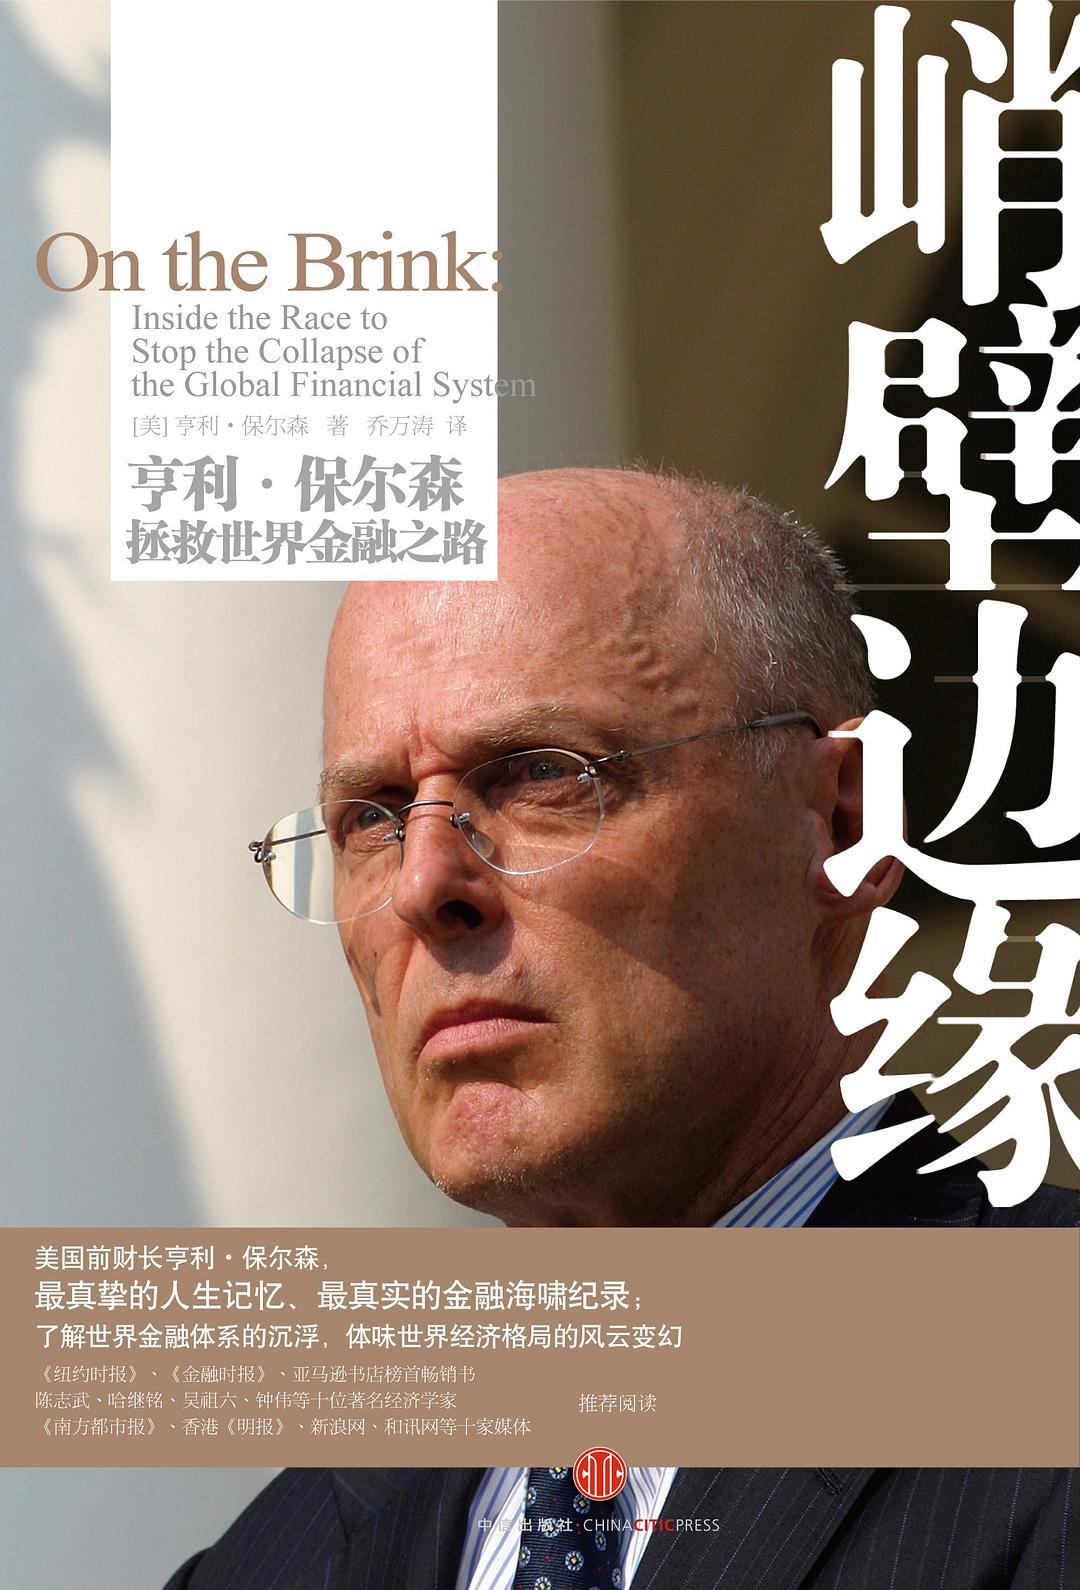 《峭壁边缘》 book cover